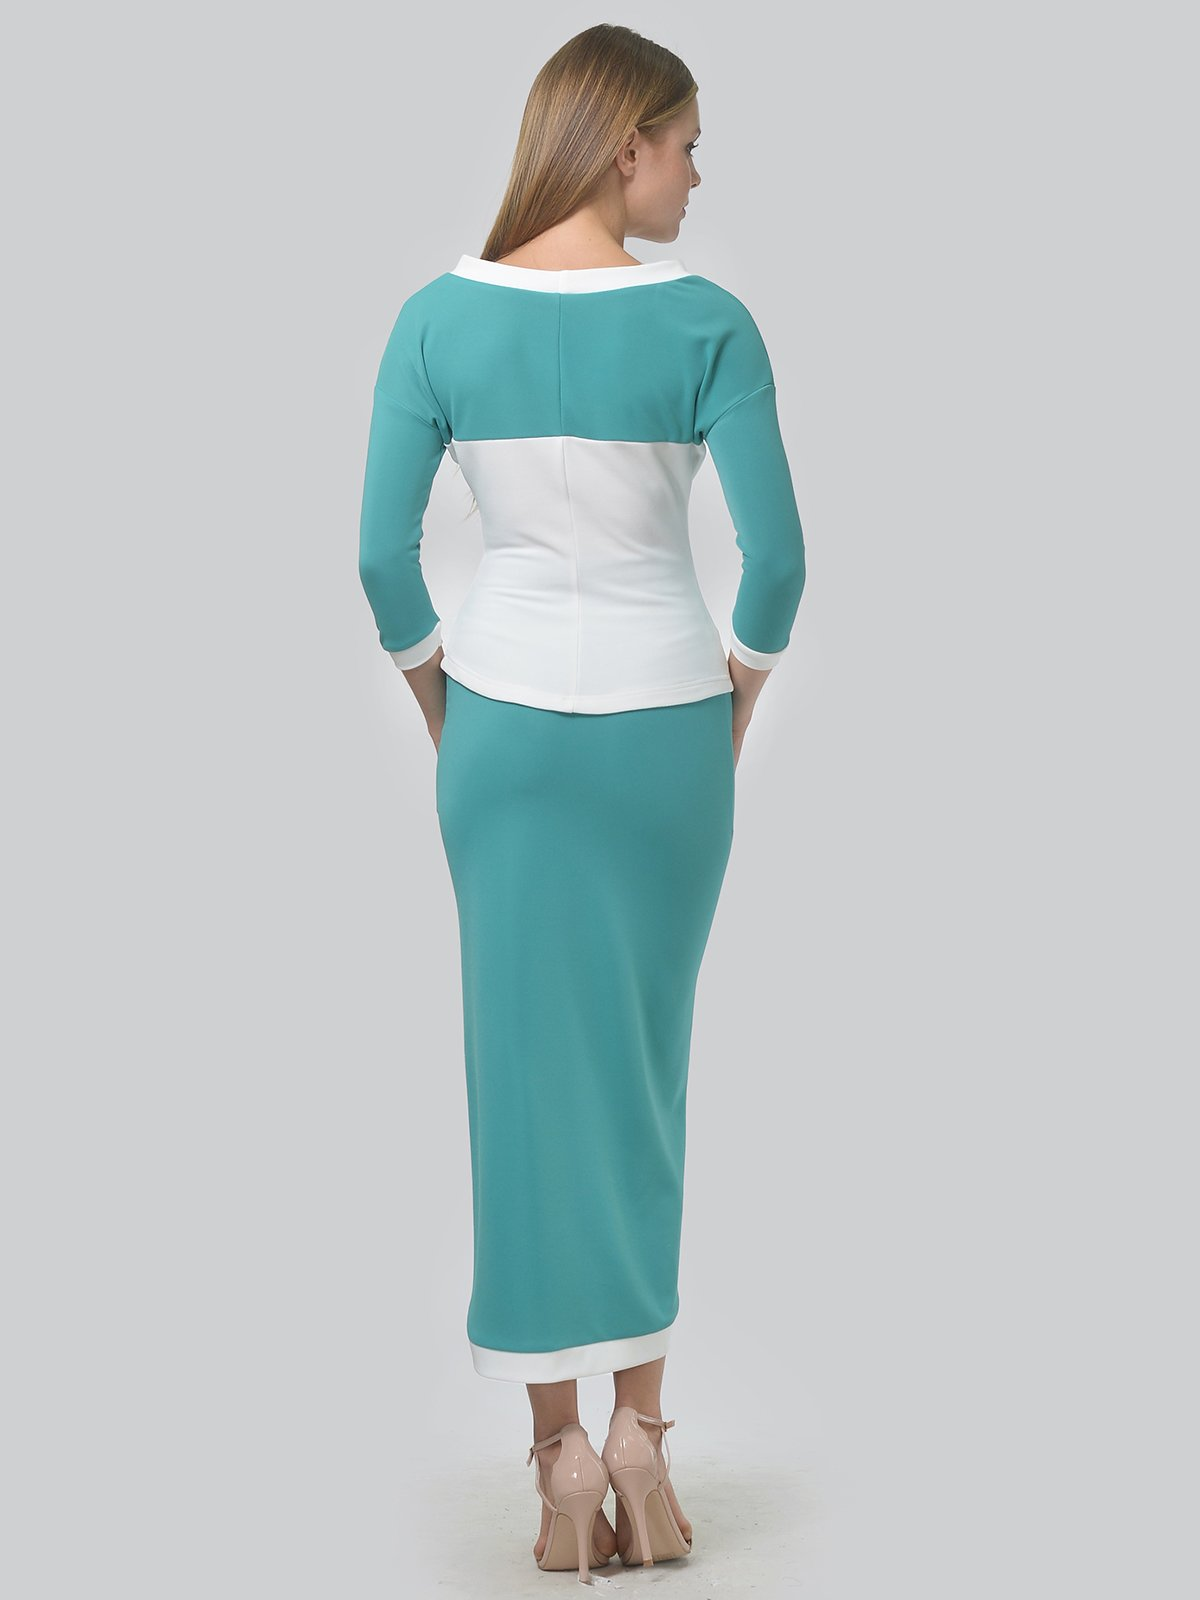 Комплект: джемпер и юбка | 3724258 | фото 3